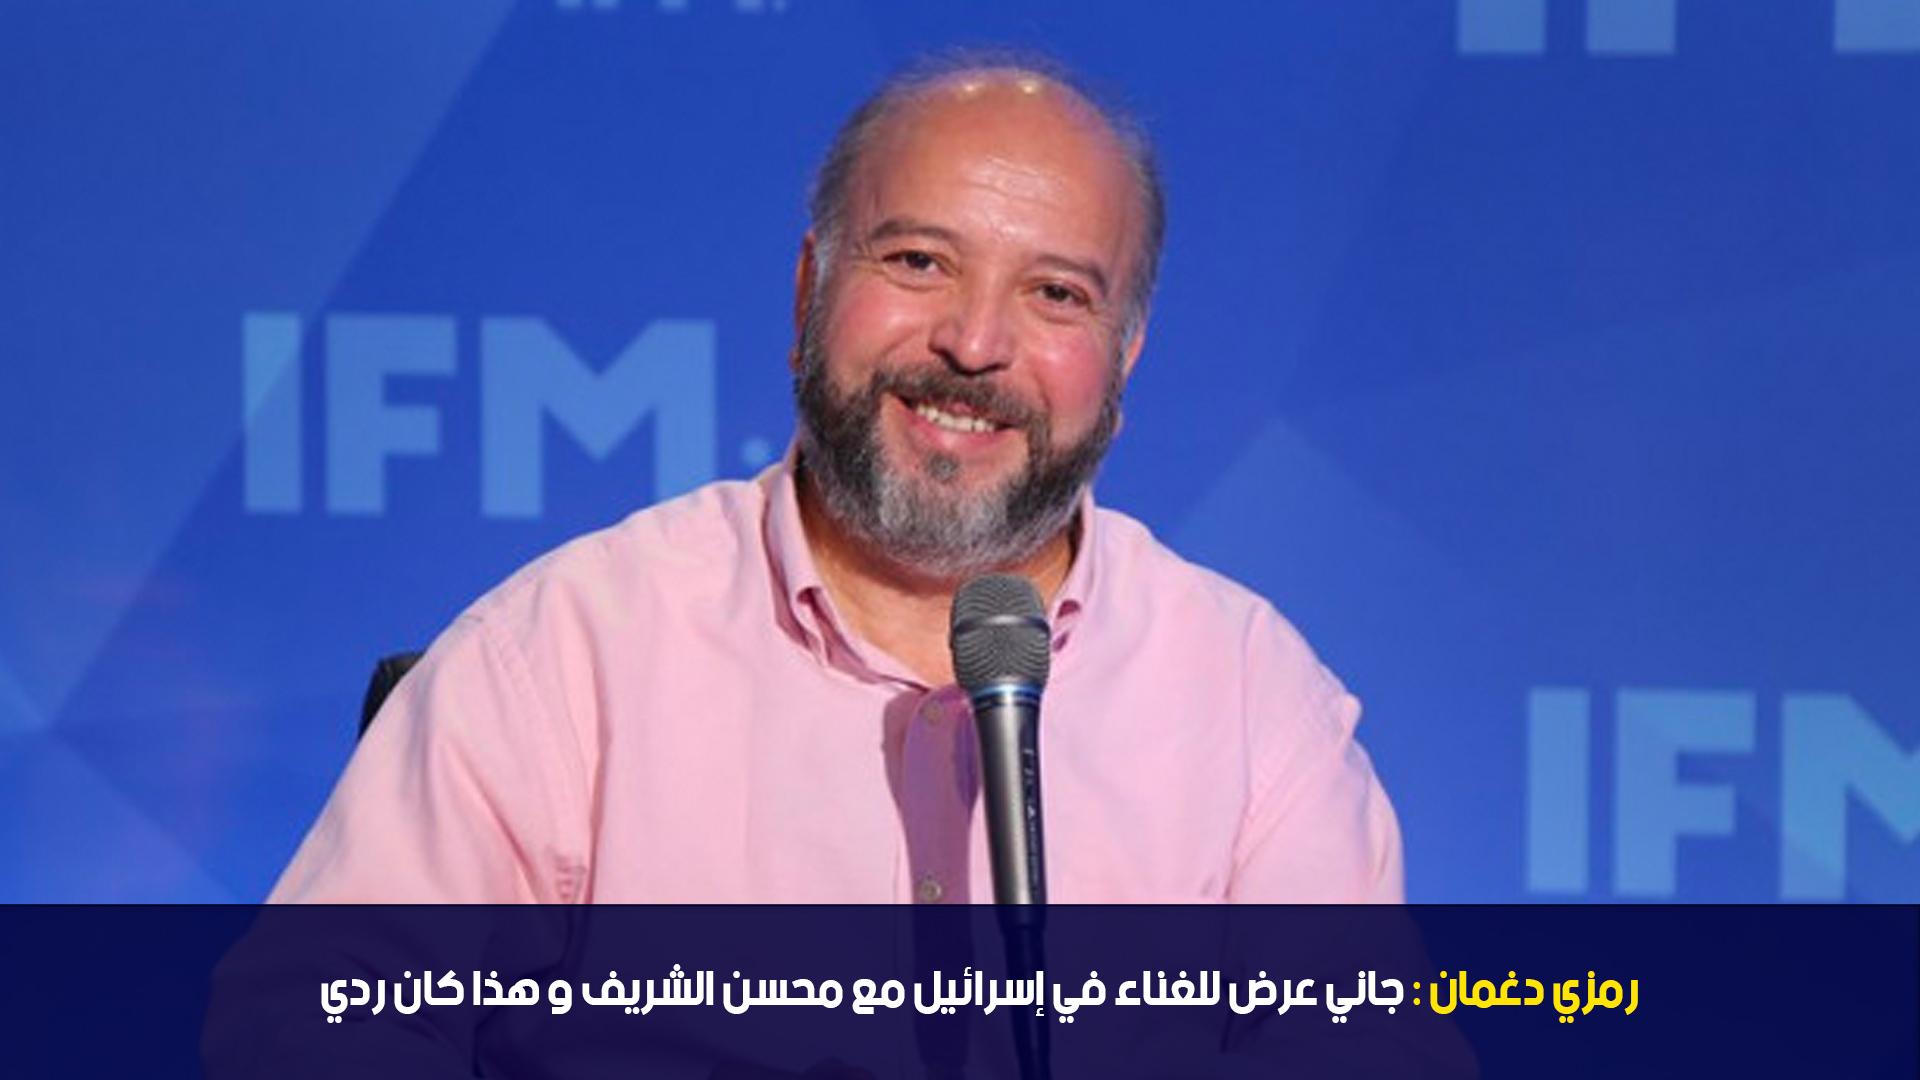 رمزي دغمان : جاني عرض للغناء في إسرائيل مع محسن الشريف و هذا كان ردي